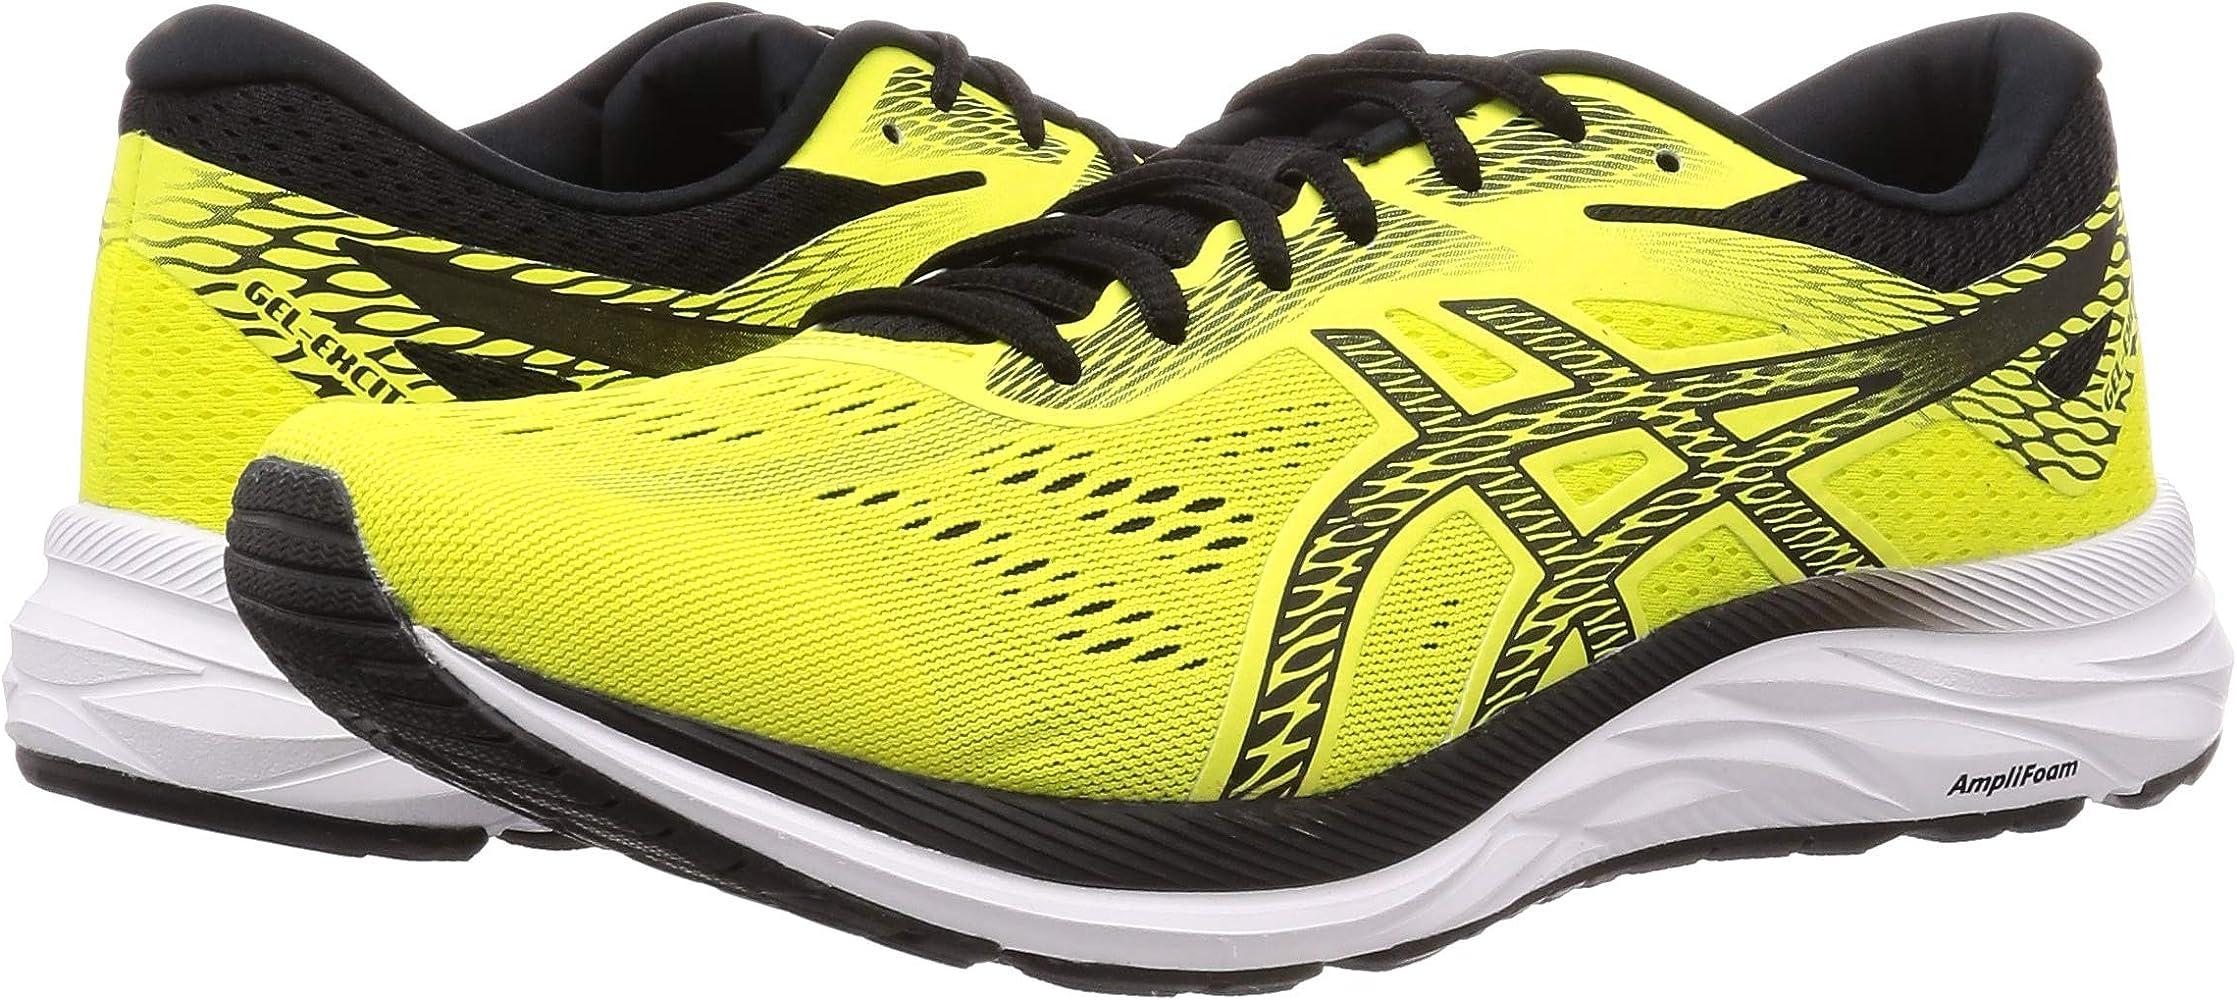 Asics Gel-Excite 6, Zapatillas de Running para Hombre, Amarillo (Sour Yuzu/Black 750), 46 EU: Amazon.es: Zapatos y ...